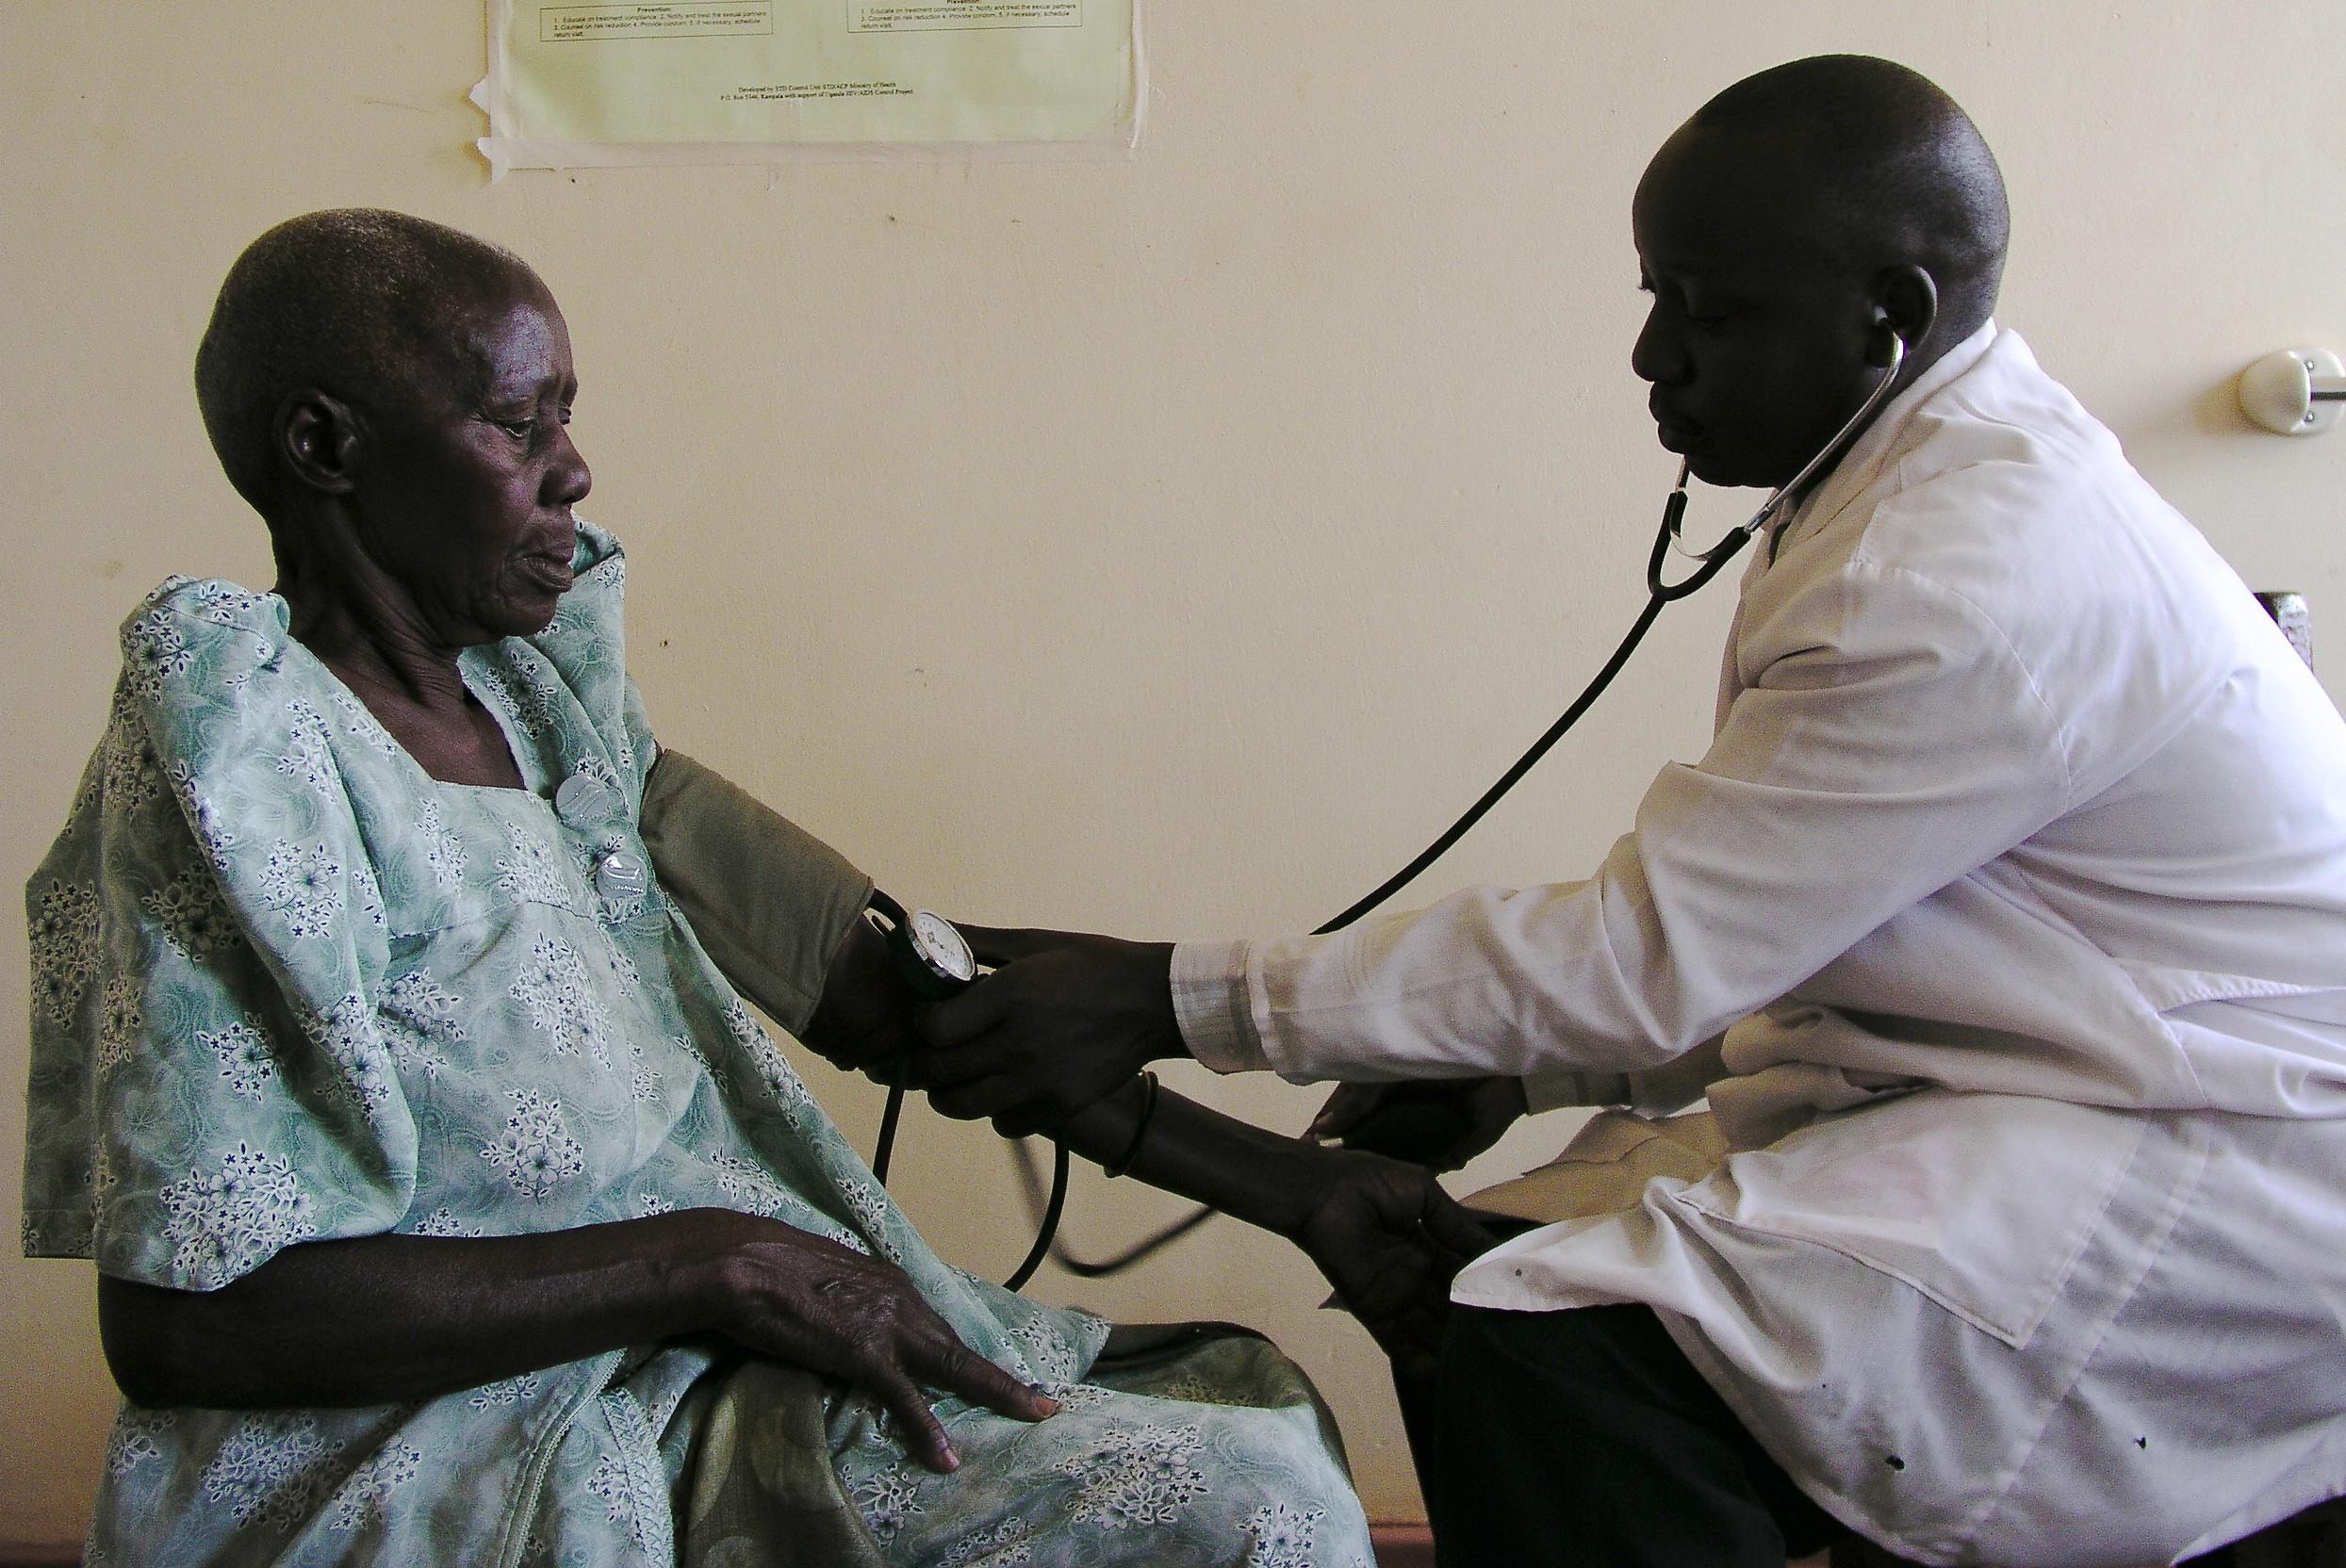 doctor in Uganda